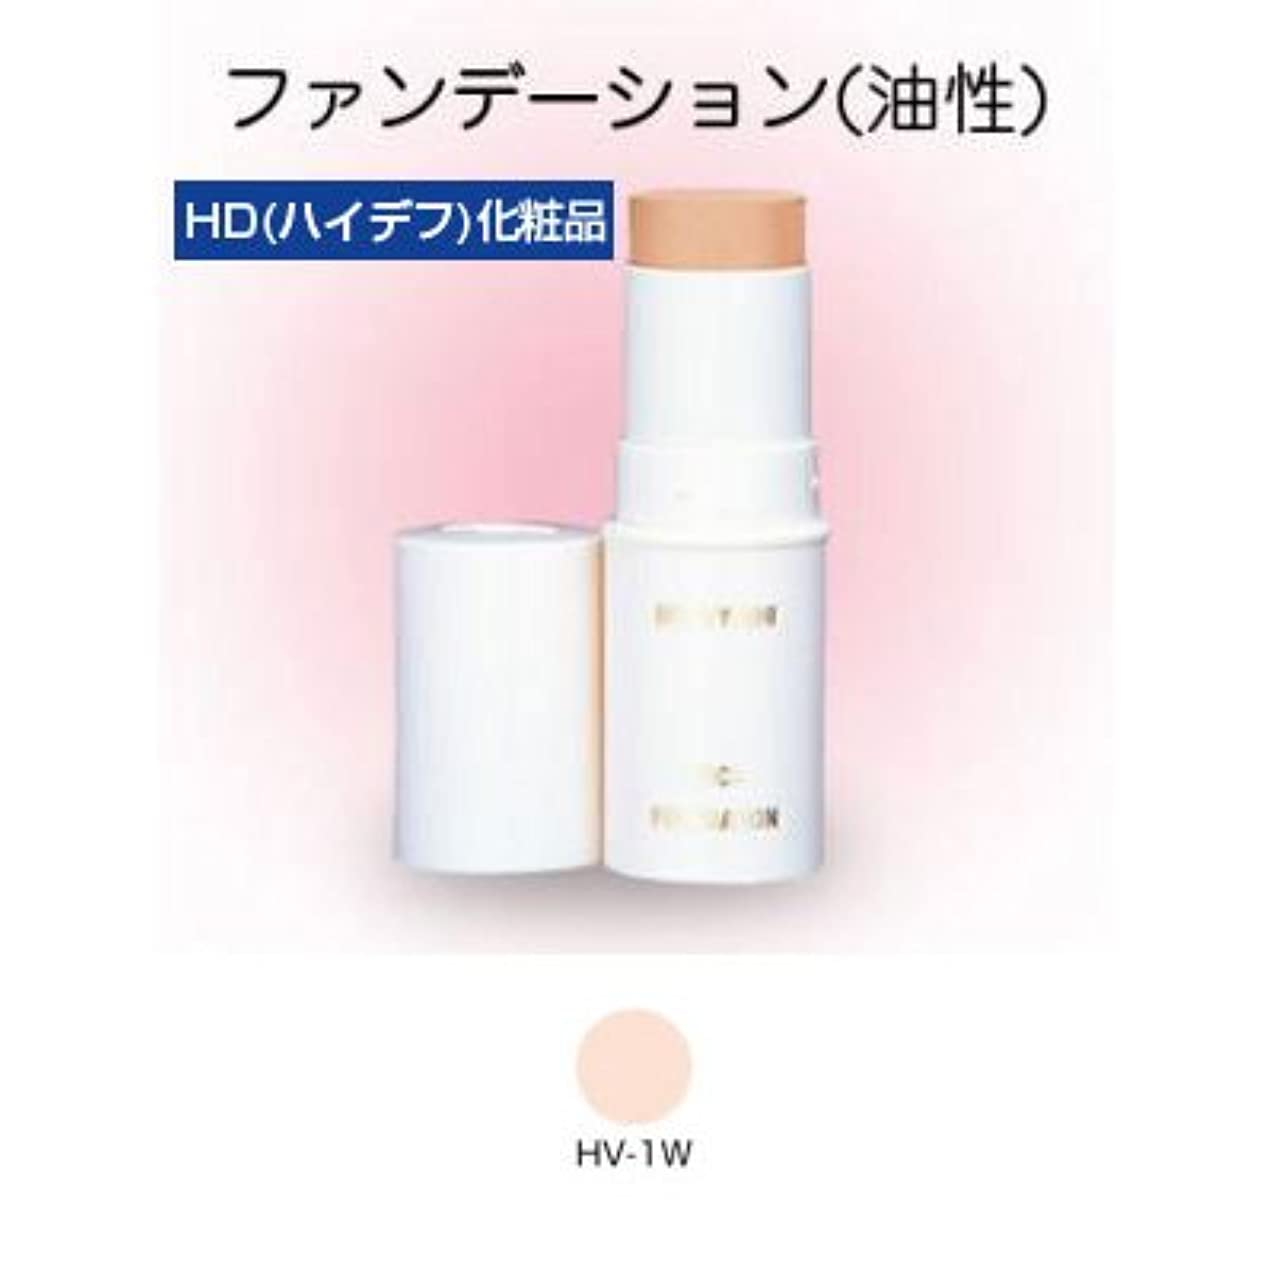 割り当てあいまい促すスティックファンデーション HD化粧品 17g 1W 【三善】